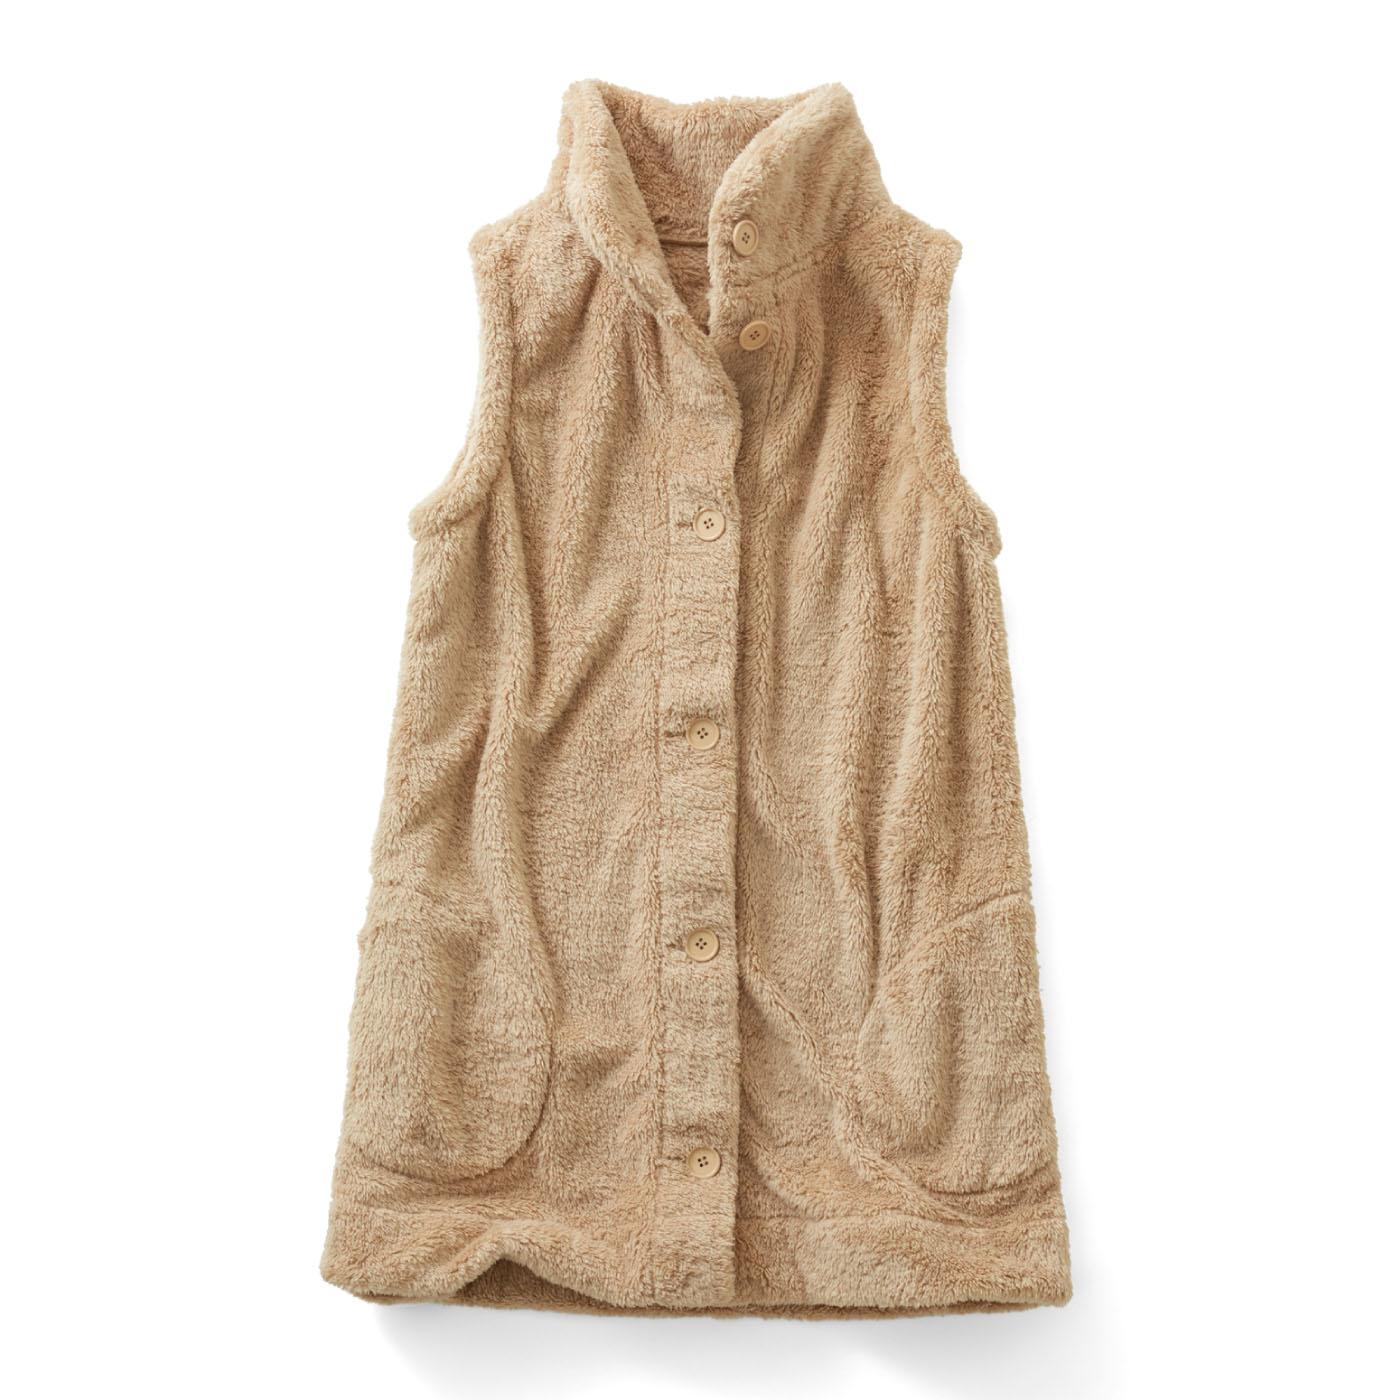 手を入れてぬくぬくできる、内側までボアの大きめポケット。冷えやすい腰やおしりもすっぽりカバーの長め丈。